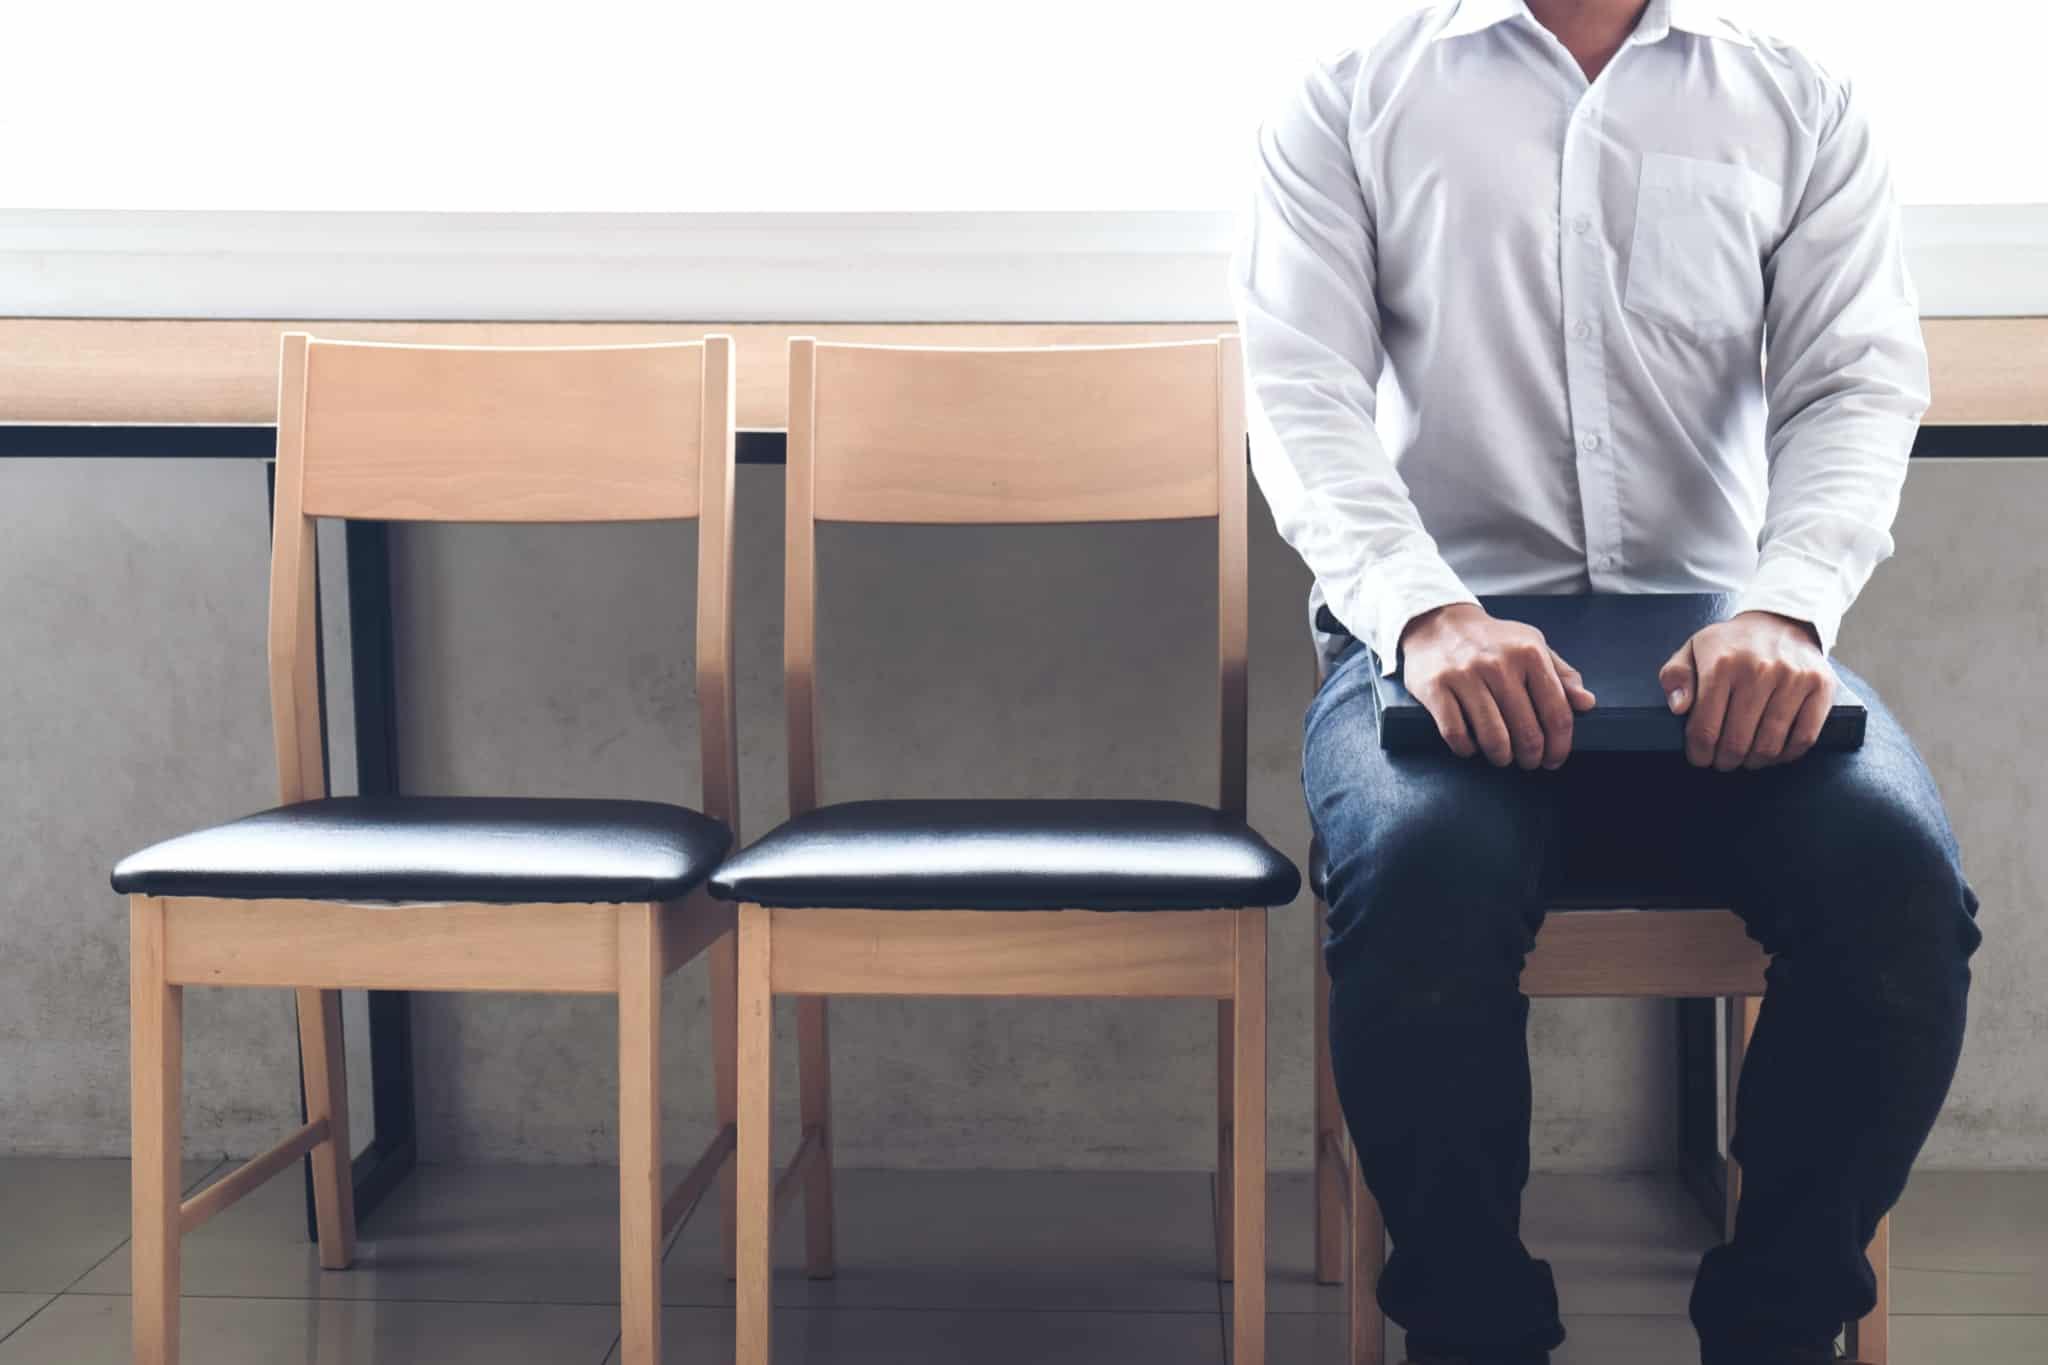 pessoa sentada à espera de uma entrevista de trabalho